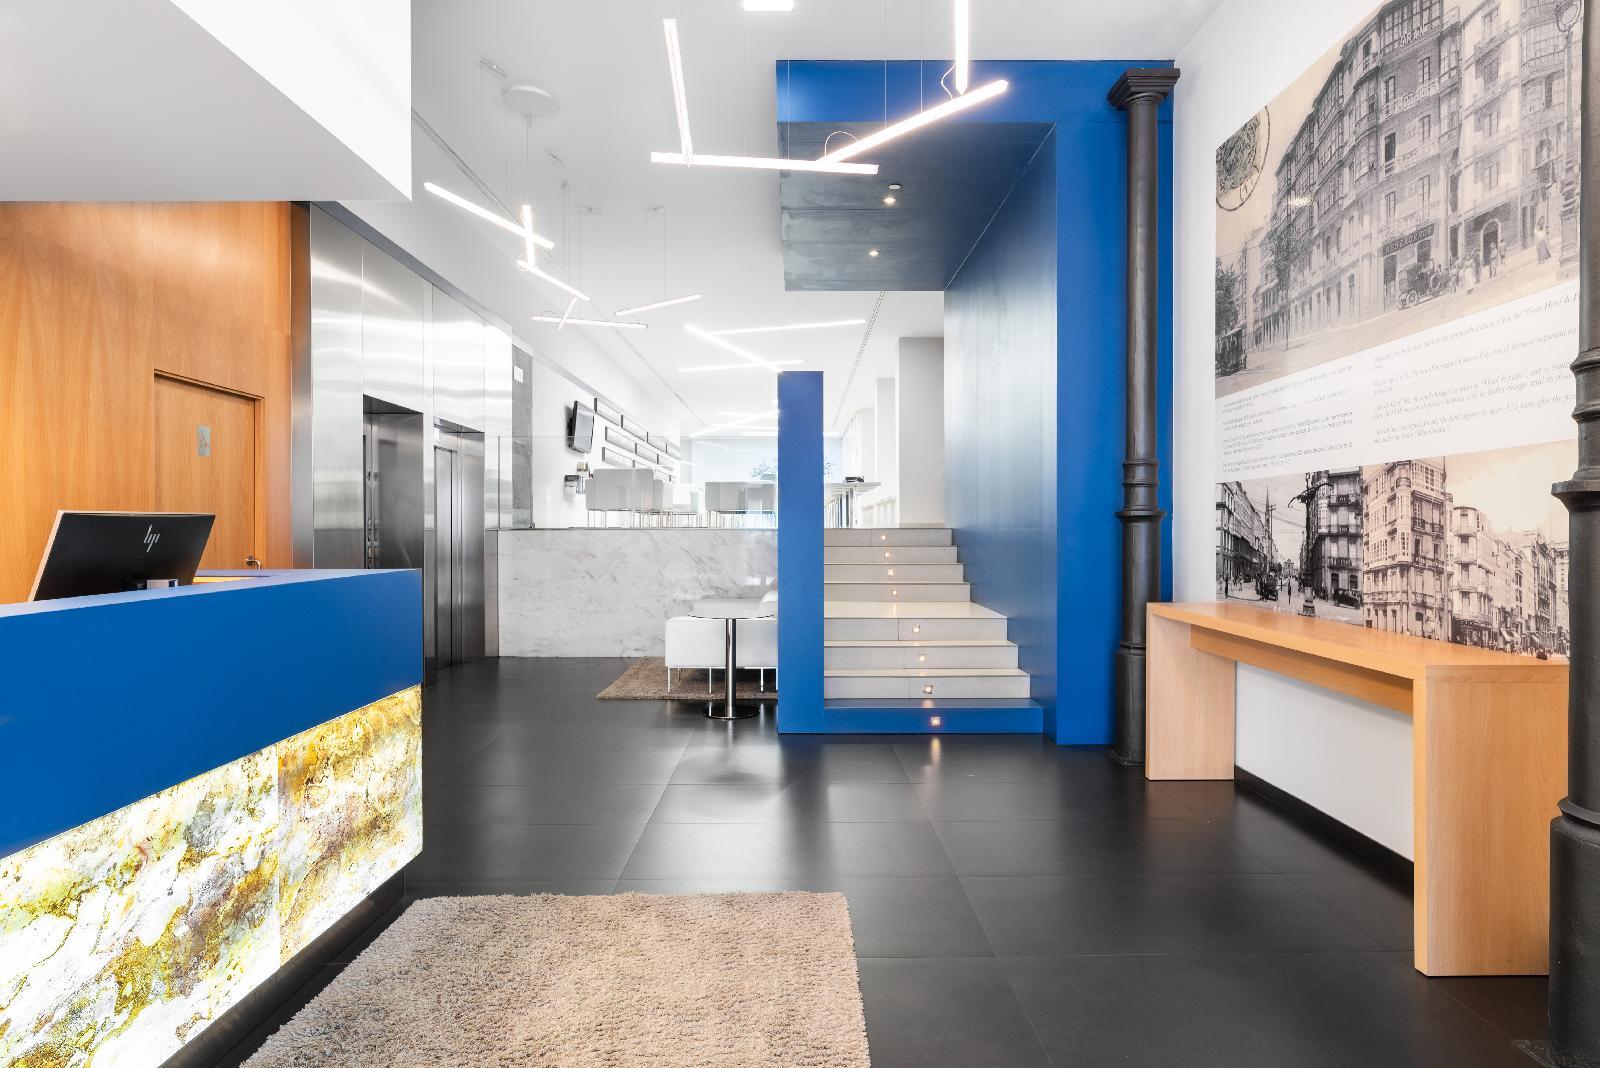 10. Hotel Blue Coruña